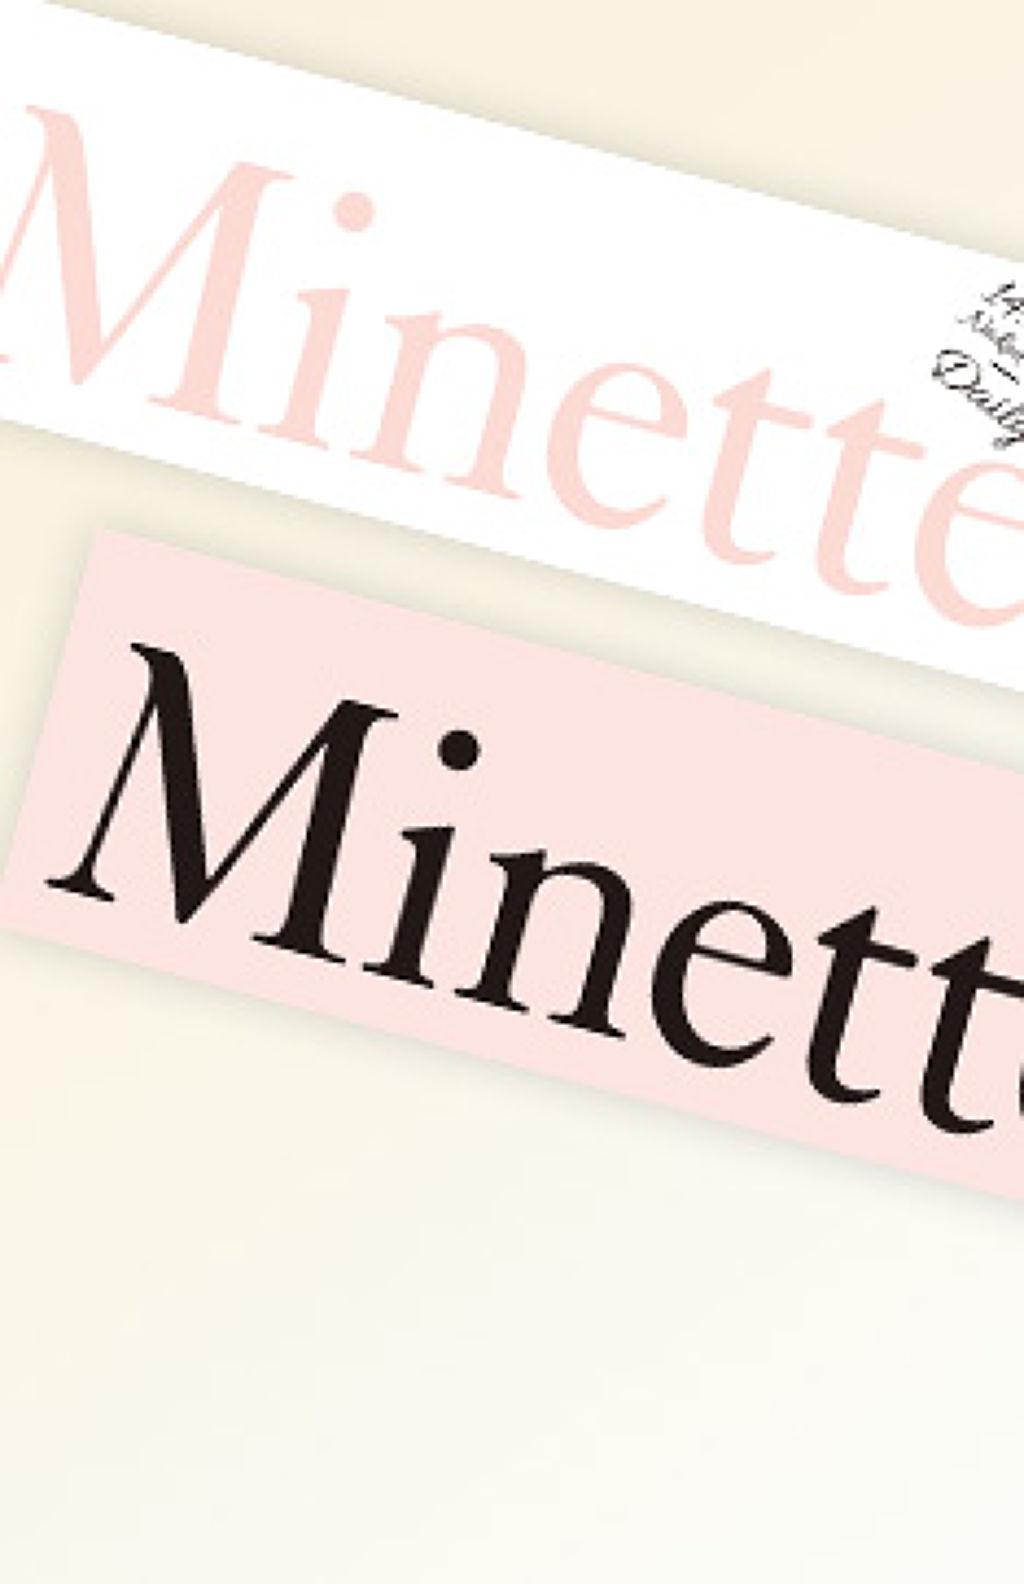 Minette Minette